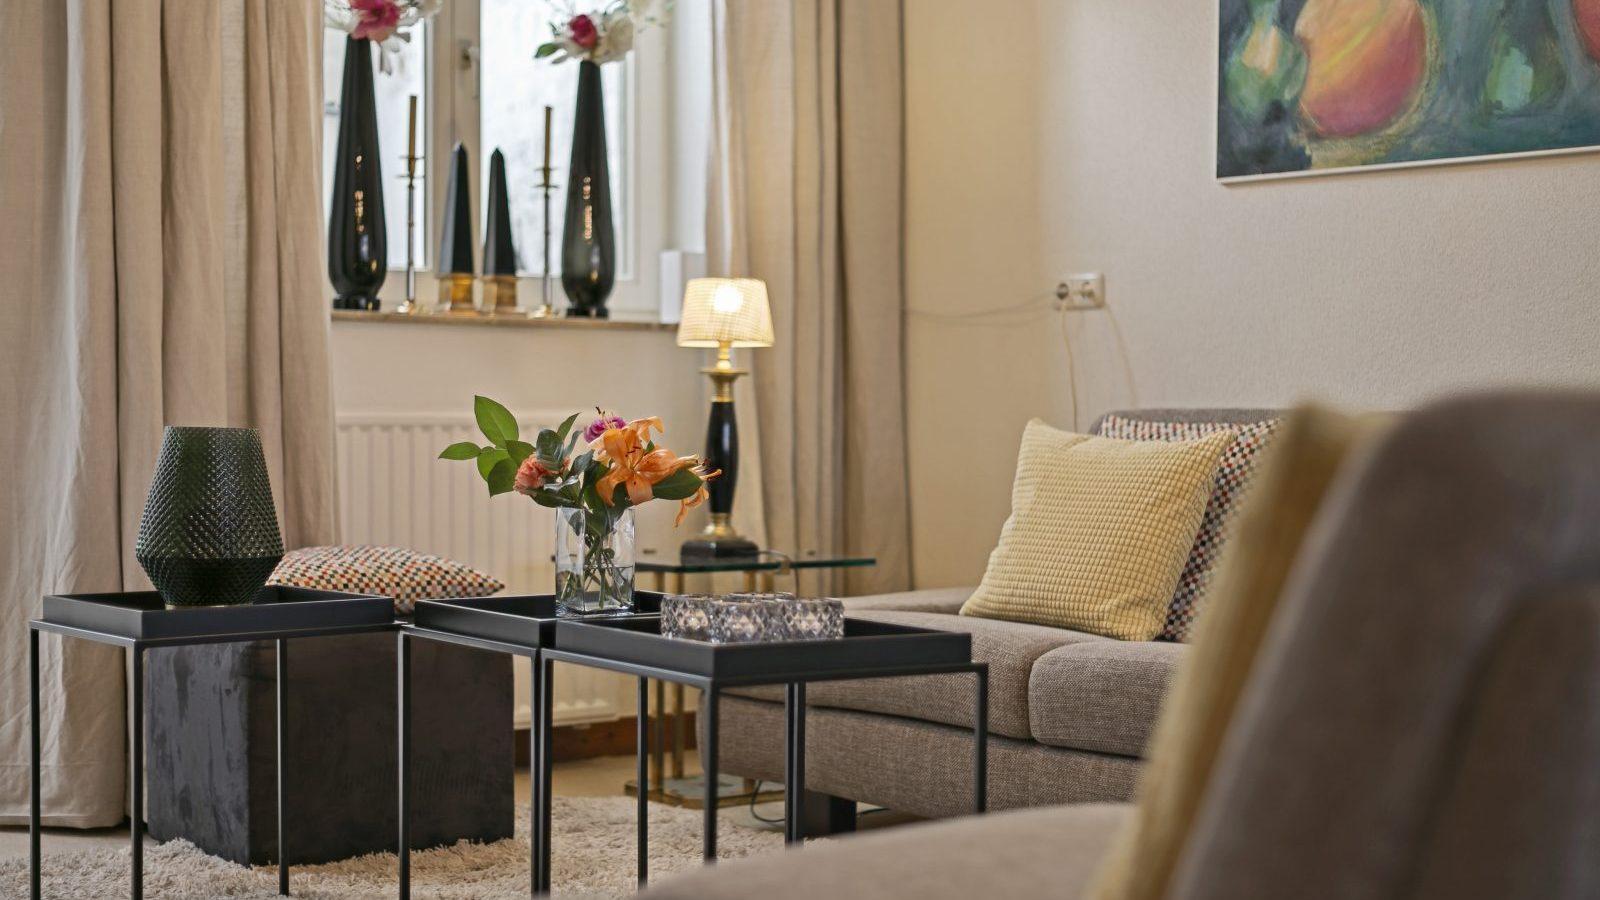 Vismarkt12Roermond-24-1600x1067